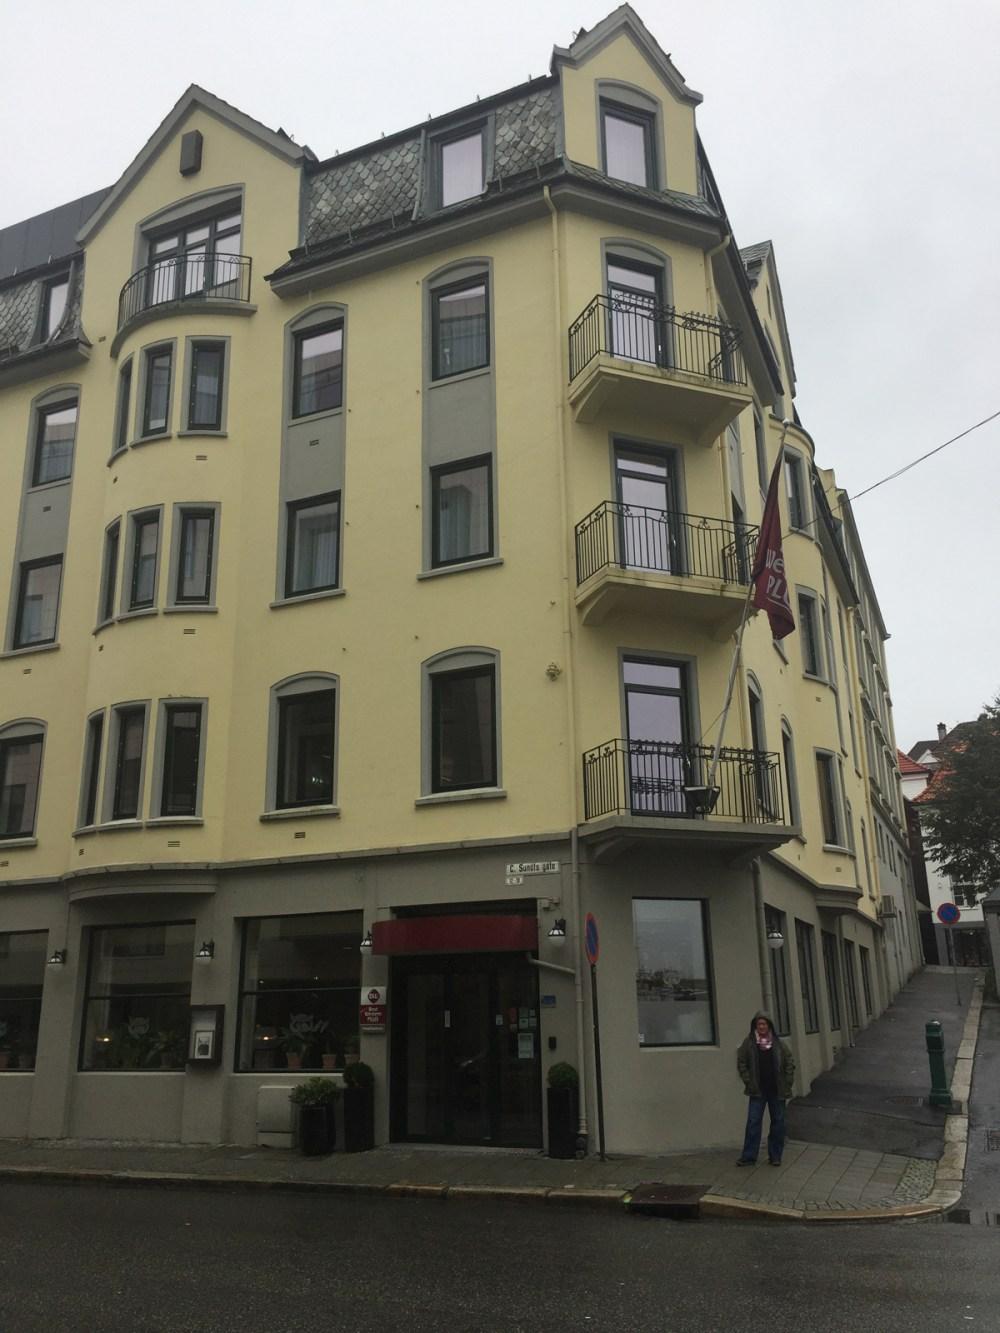 Hotell Hordaheimen in Bergen